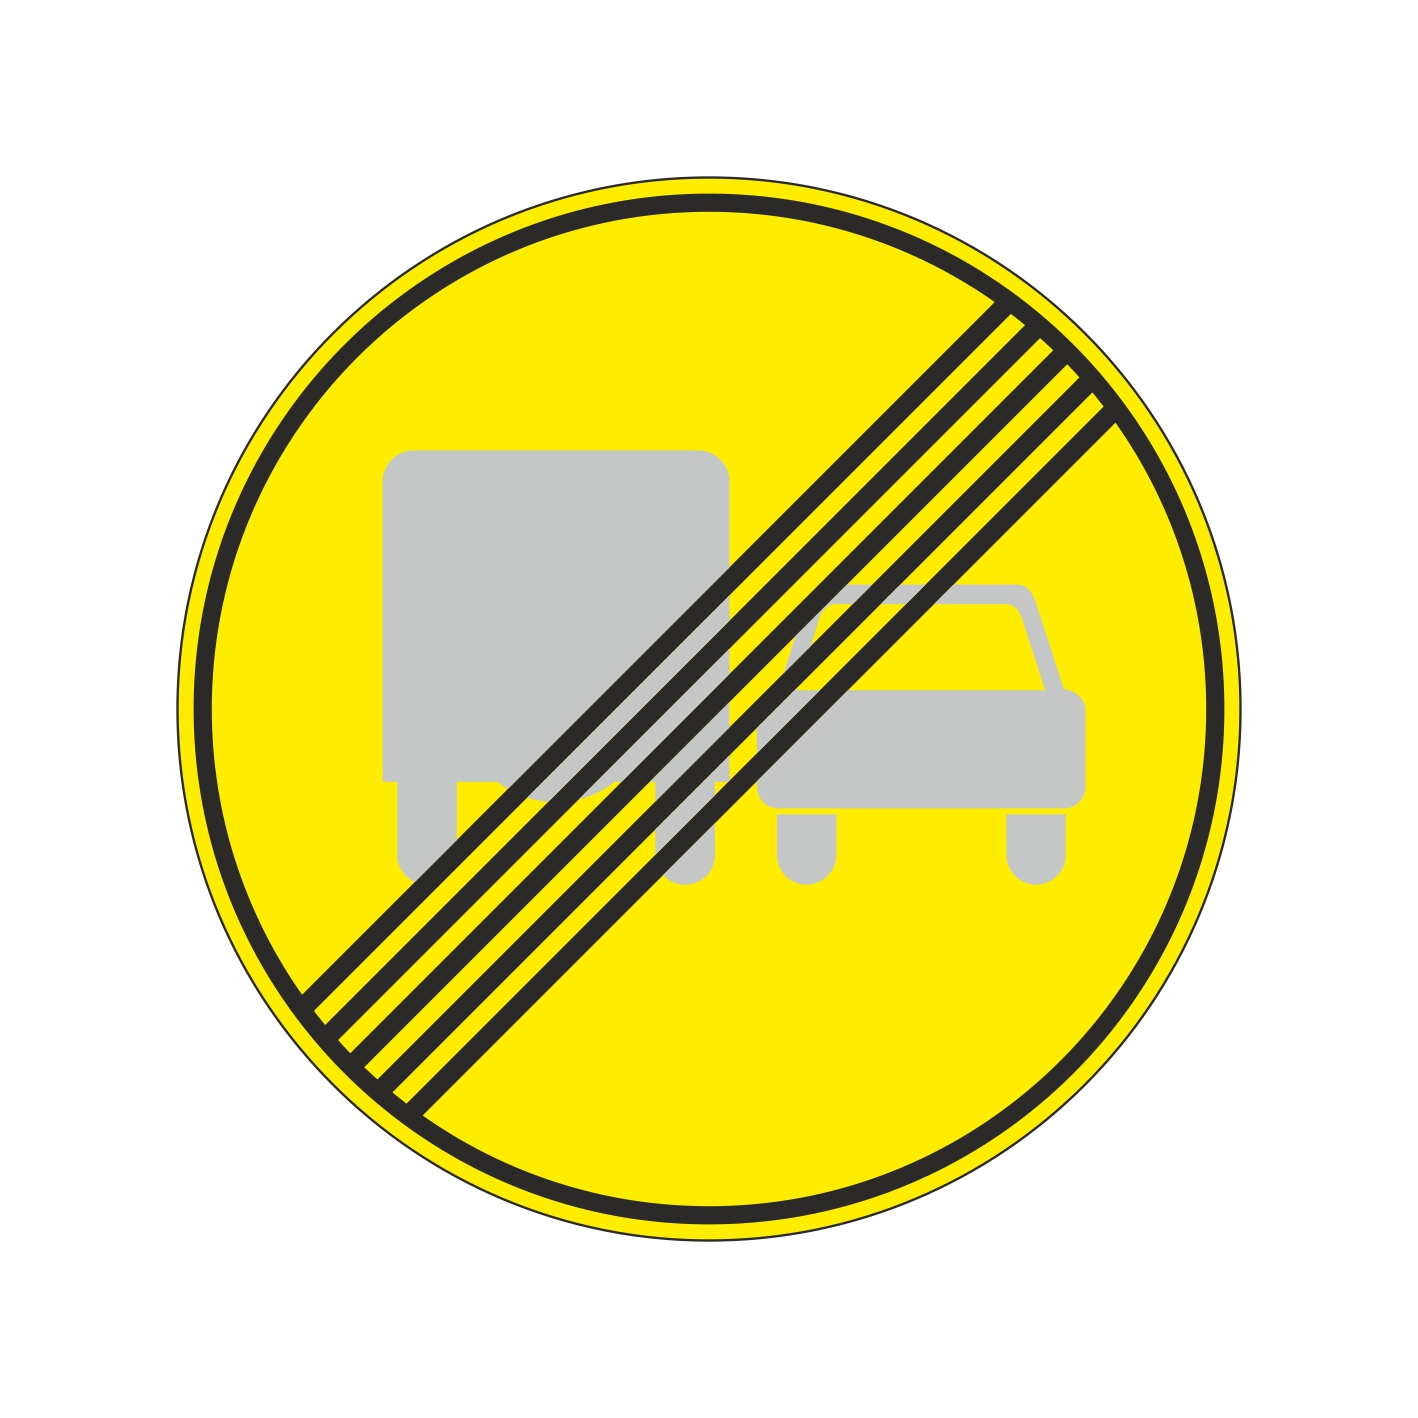 3.23 (временный) Конец запрещения обгона грузовым автомобилям